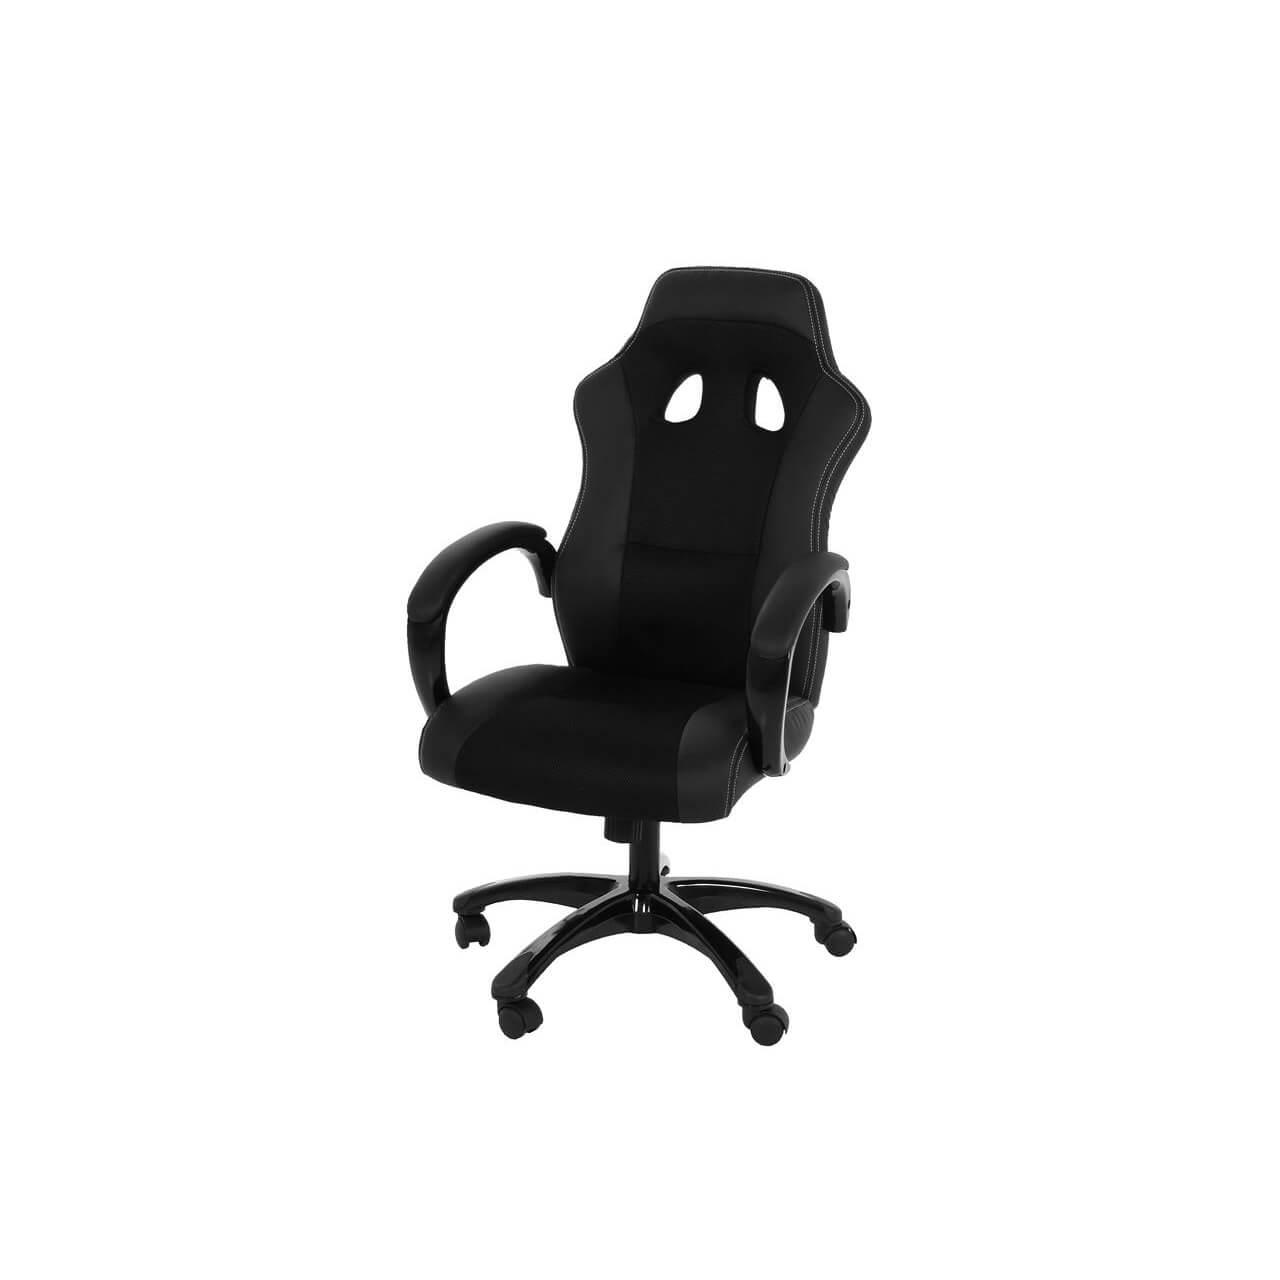 Race Desk Chair Black